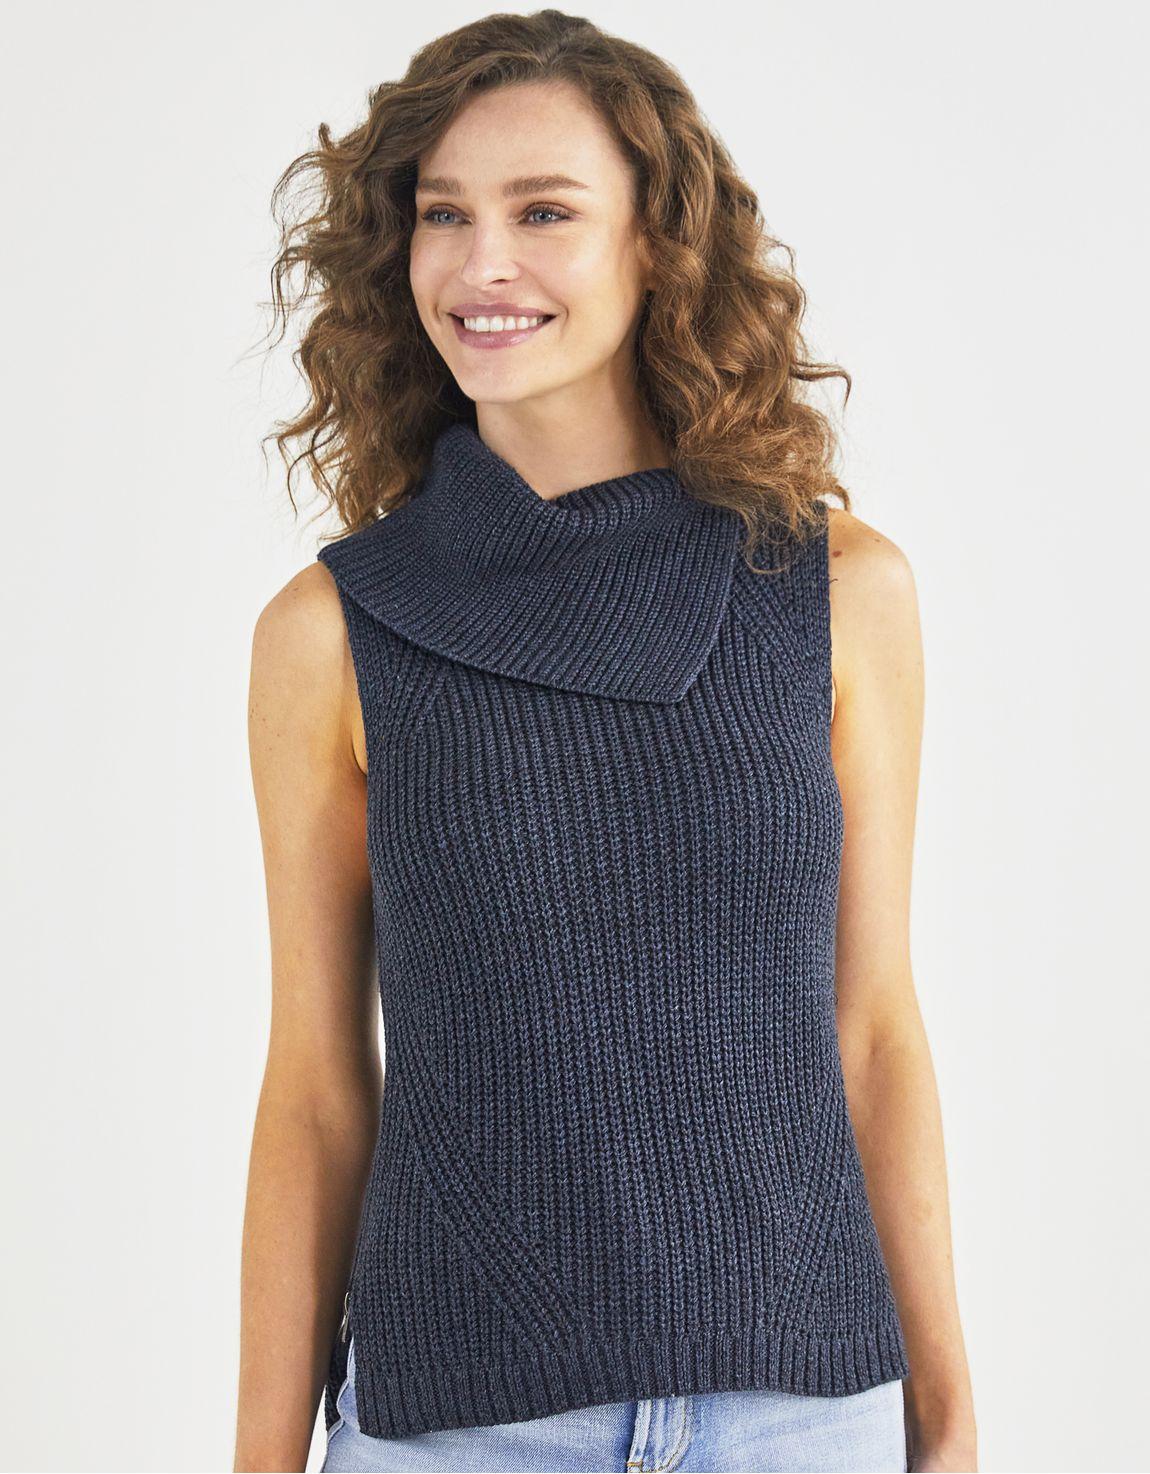 Regata tricot gola assimétrica zíper